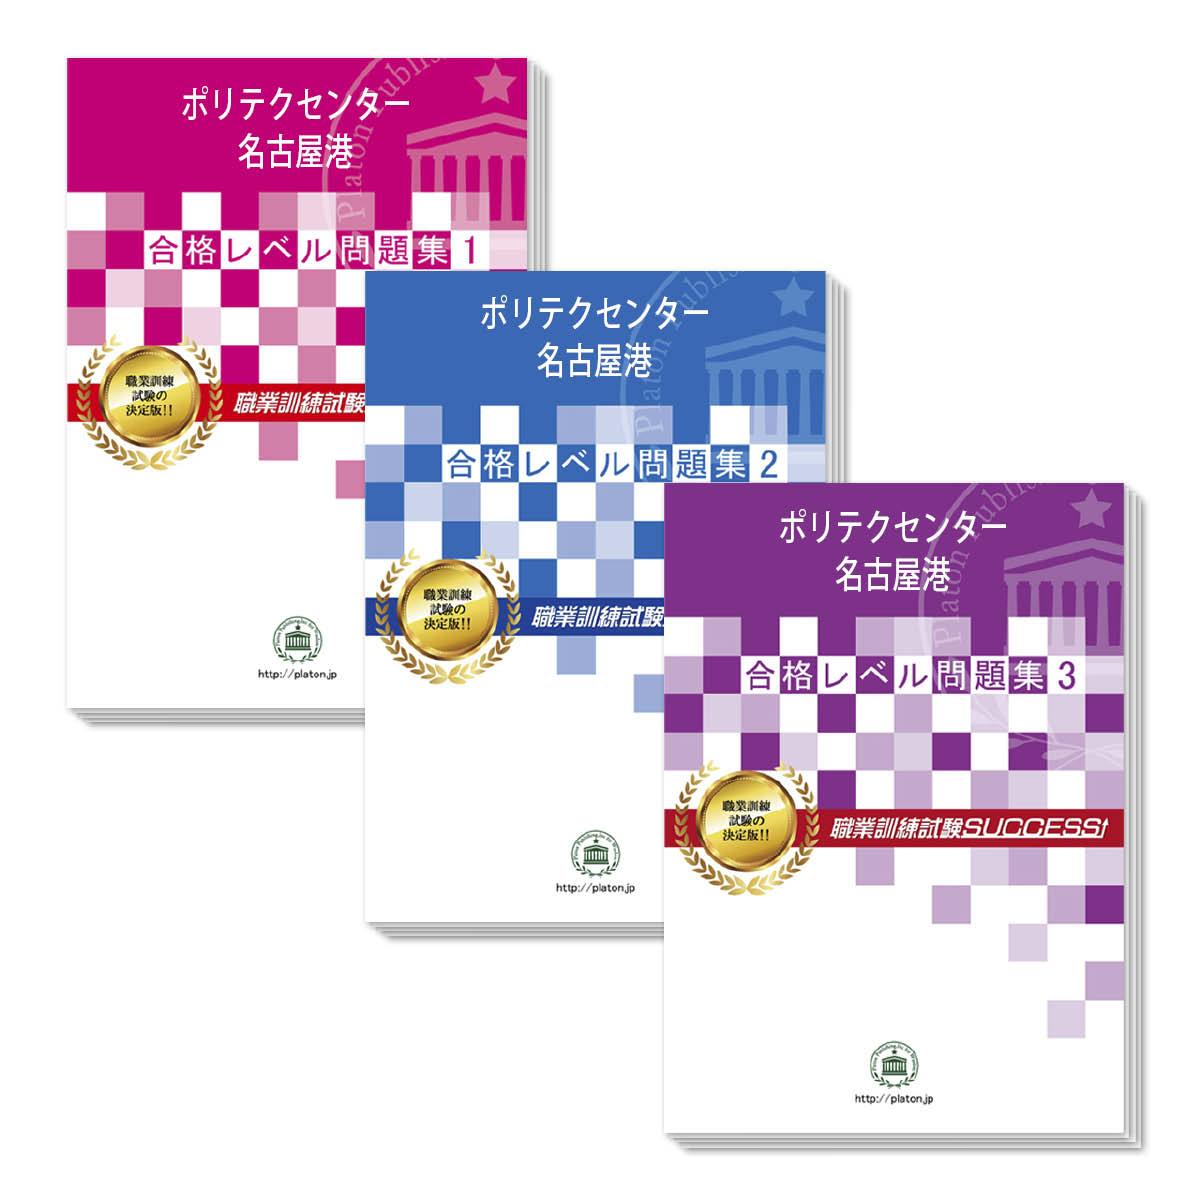 物品 送料 代引手数料無料 ポリテクセンター名古屋港 受験合格セット問題集 3冊 送料込